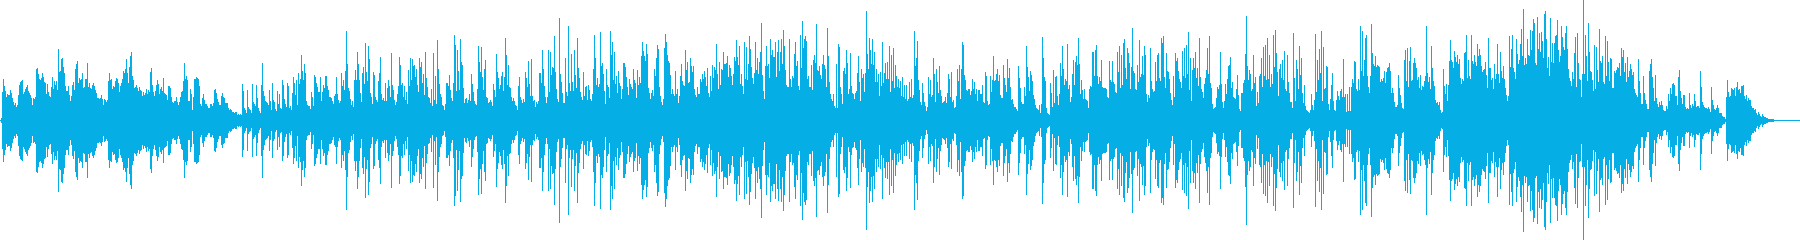 ピアノカルテット情熱的なjazzバラードの再生済みの波形